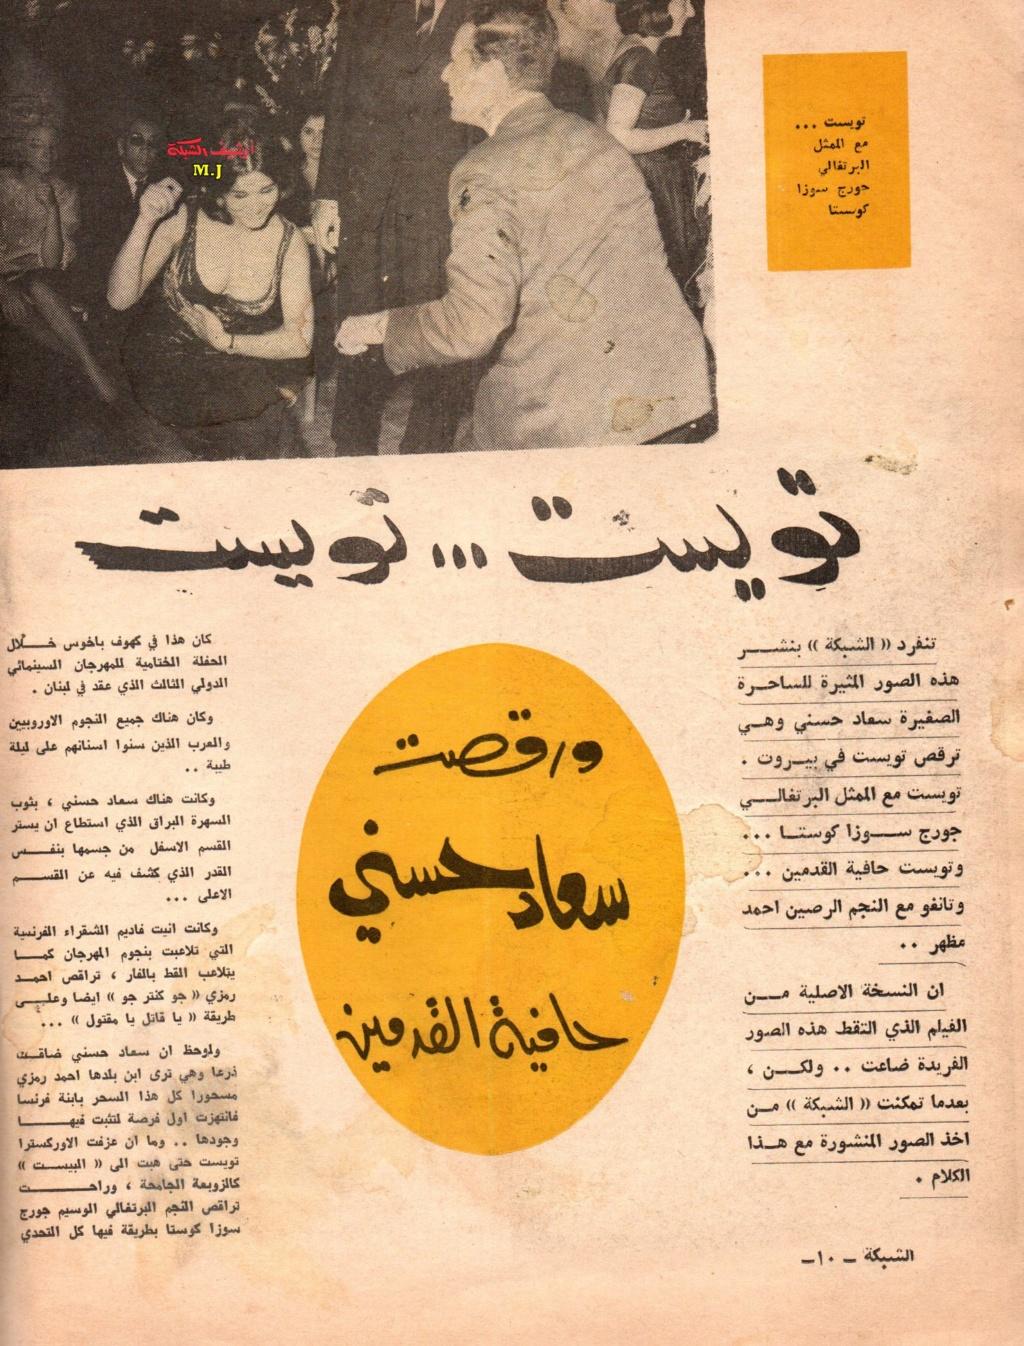 صحفي - مقال صحفي : تويست ... تويست .. ورقصت سعاد حسني حافية القدمين 1963 م 168